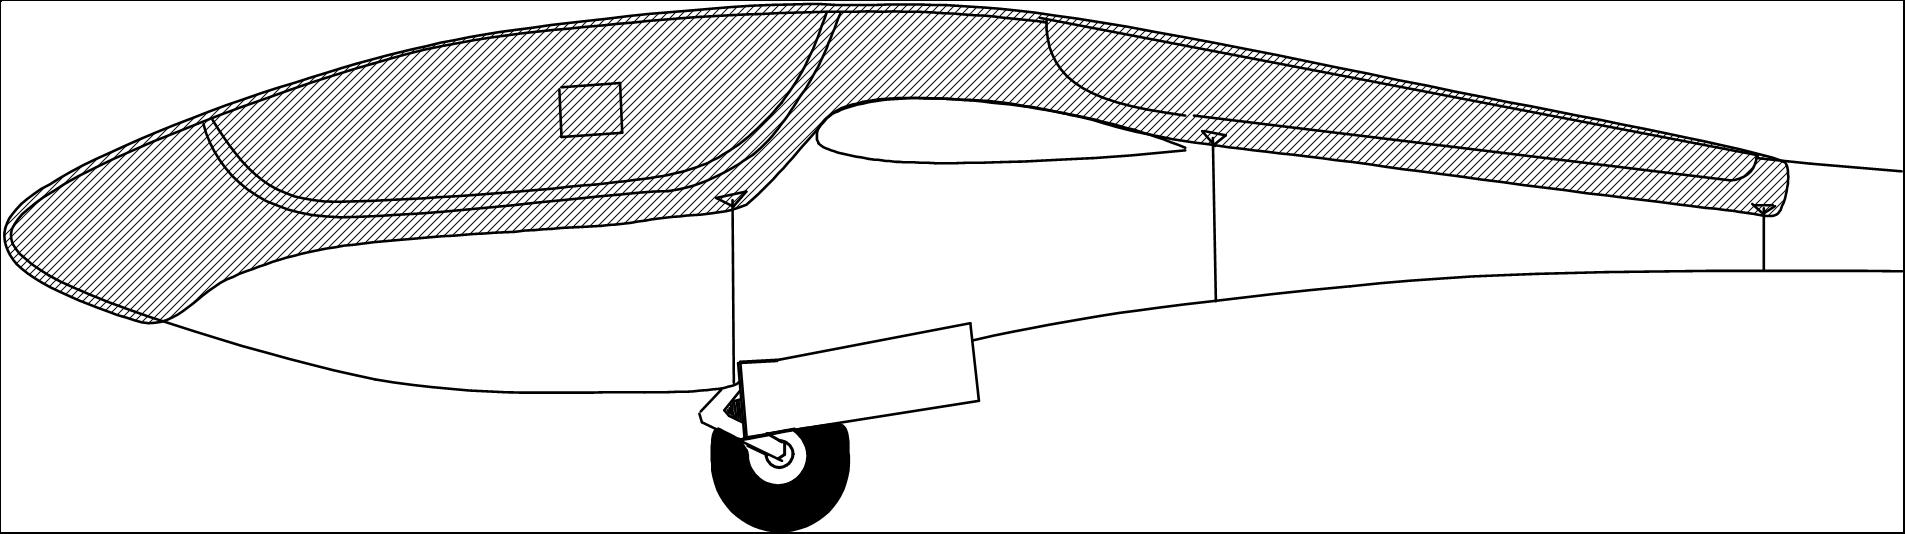 Haubenbezug Einsitzer Stoff Seersucker AIR BASIC Longversion